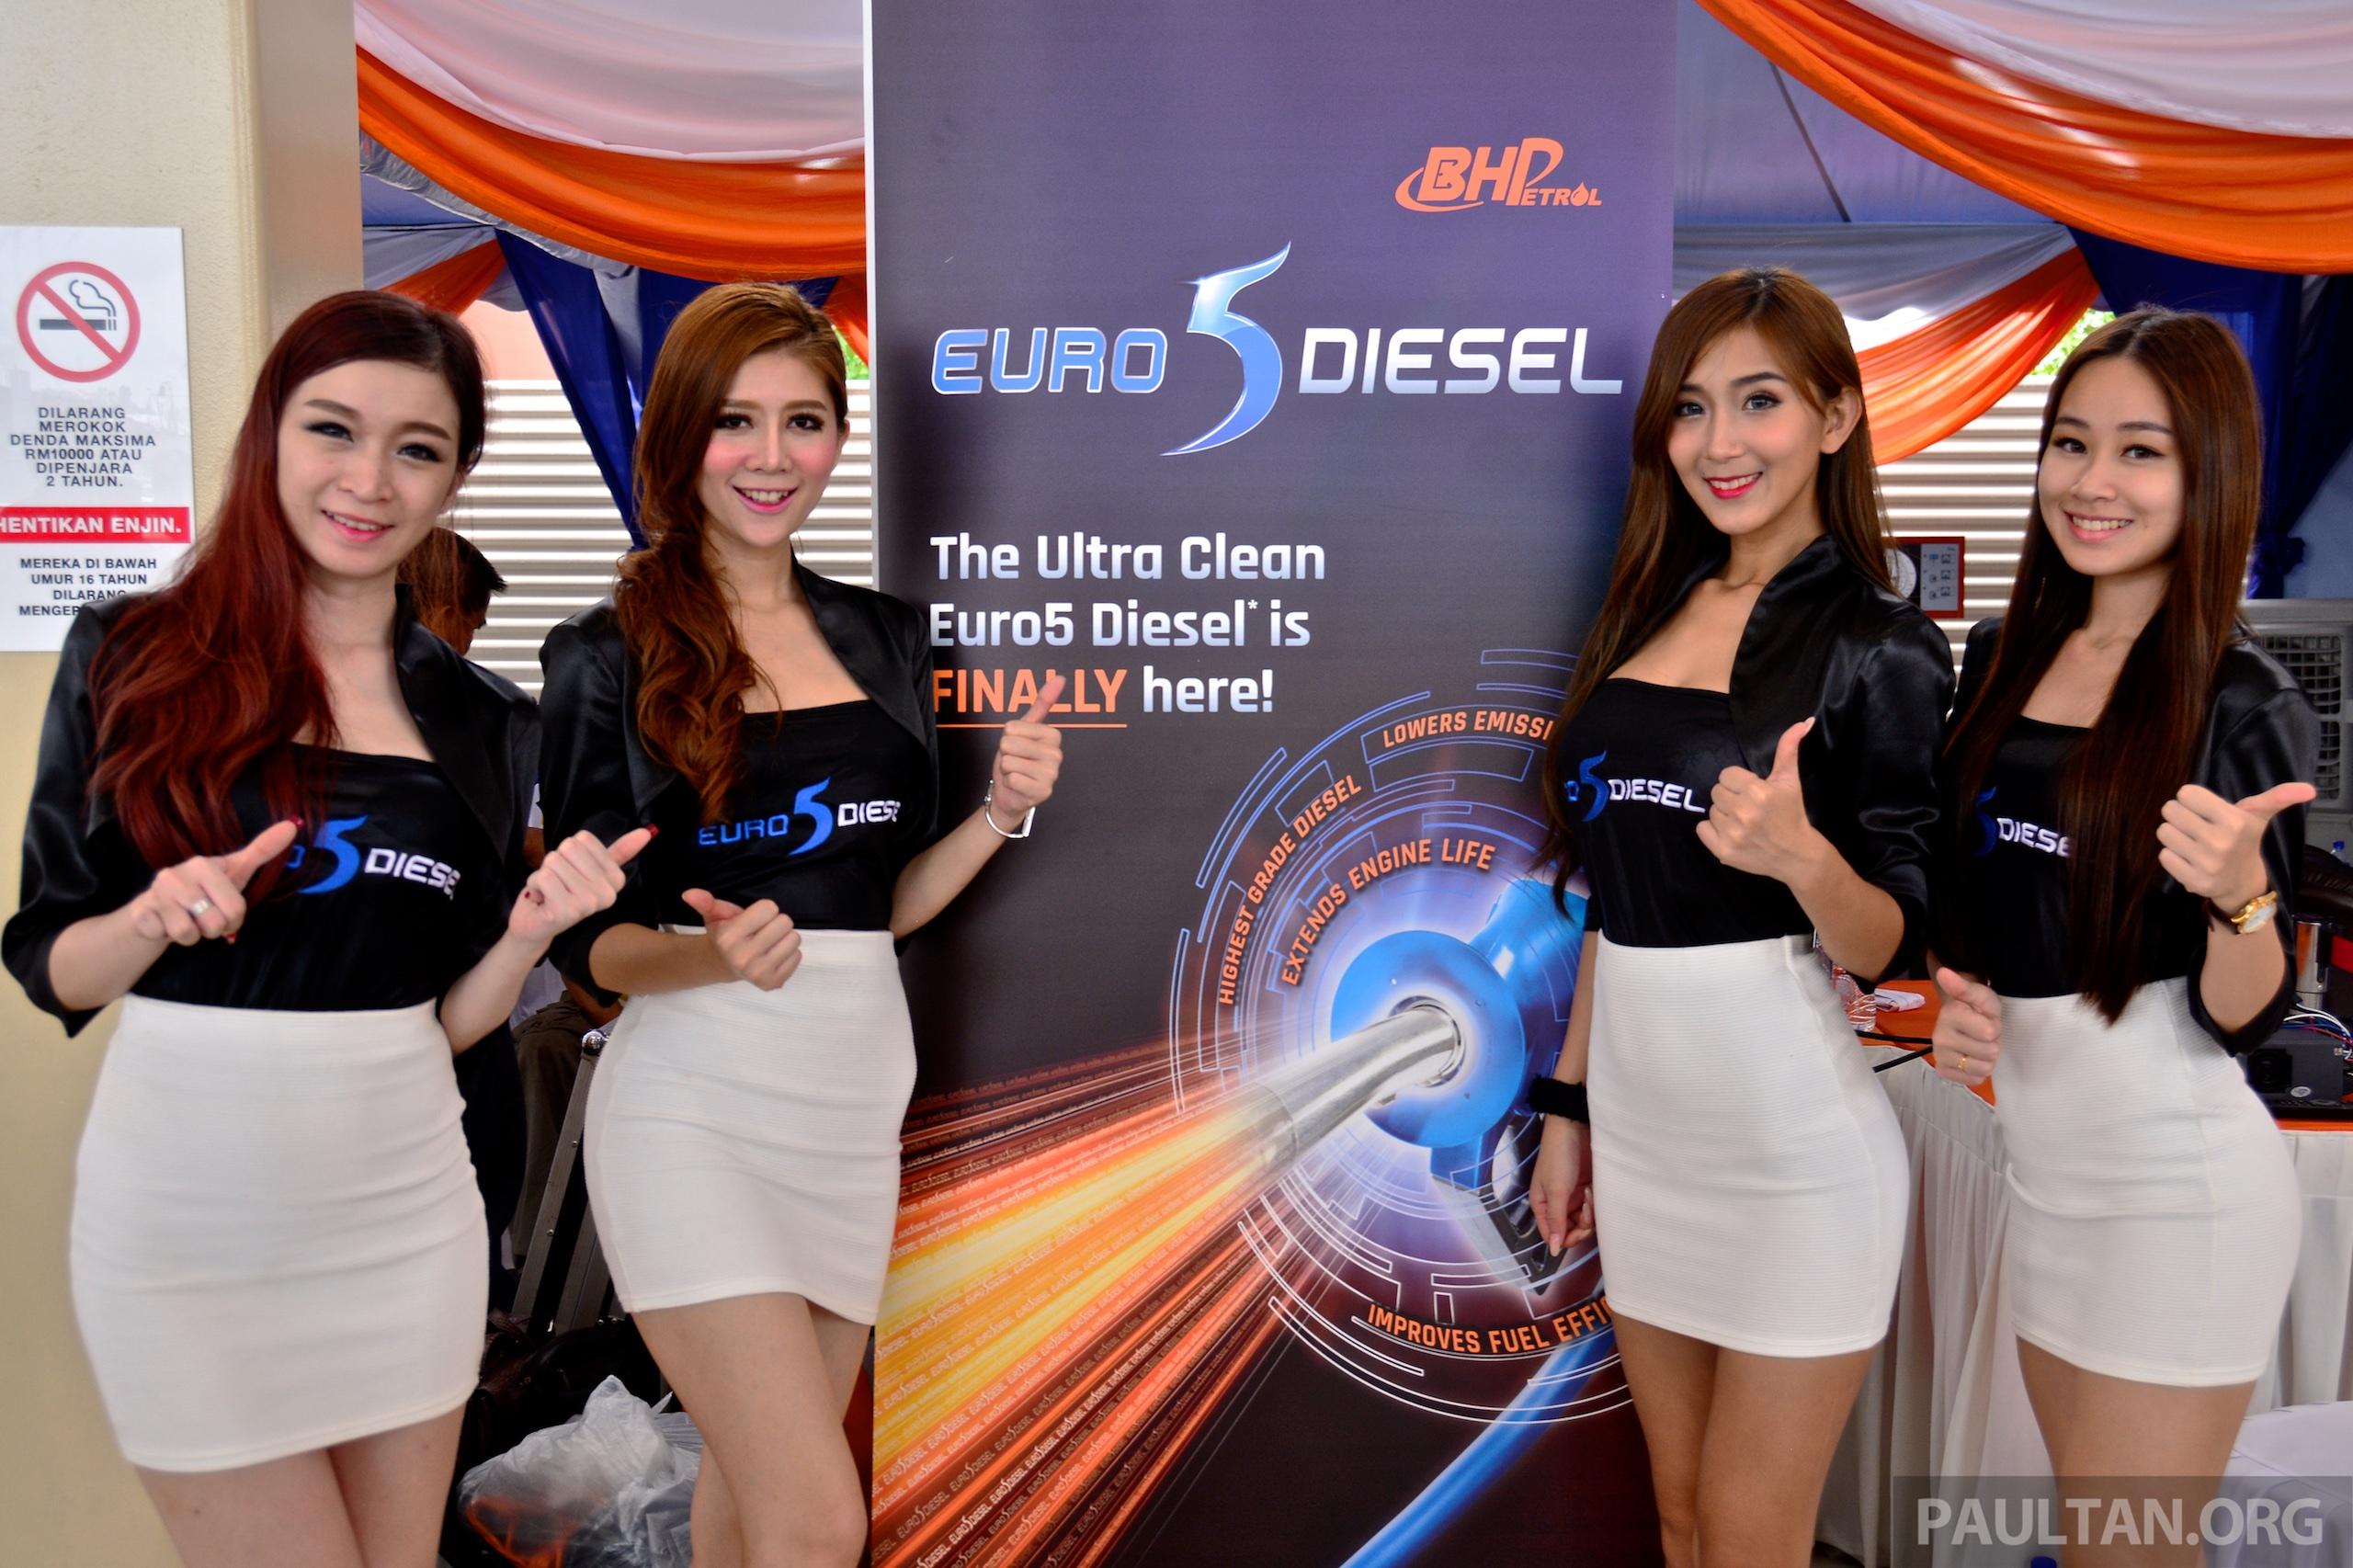 Bhpetrol Infiniti Euro 5 Diesel 3 Paul Tan S Automotive News